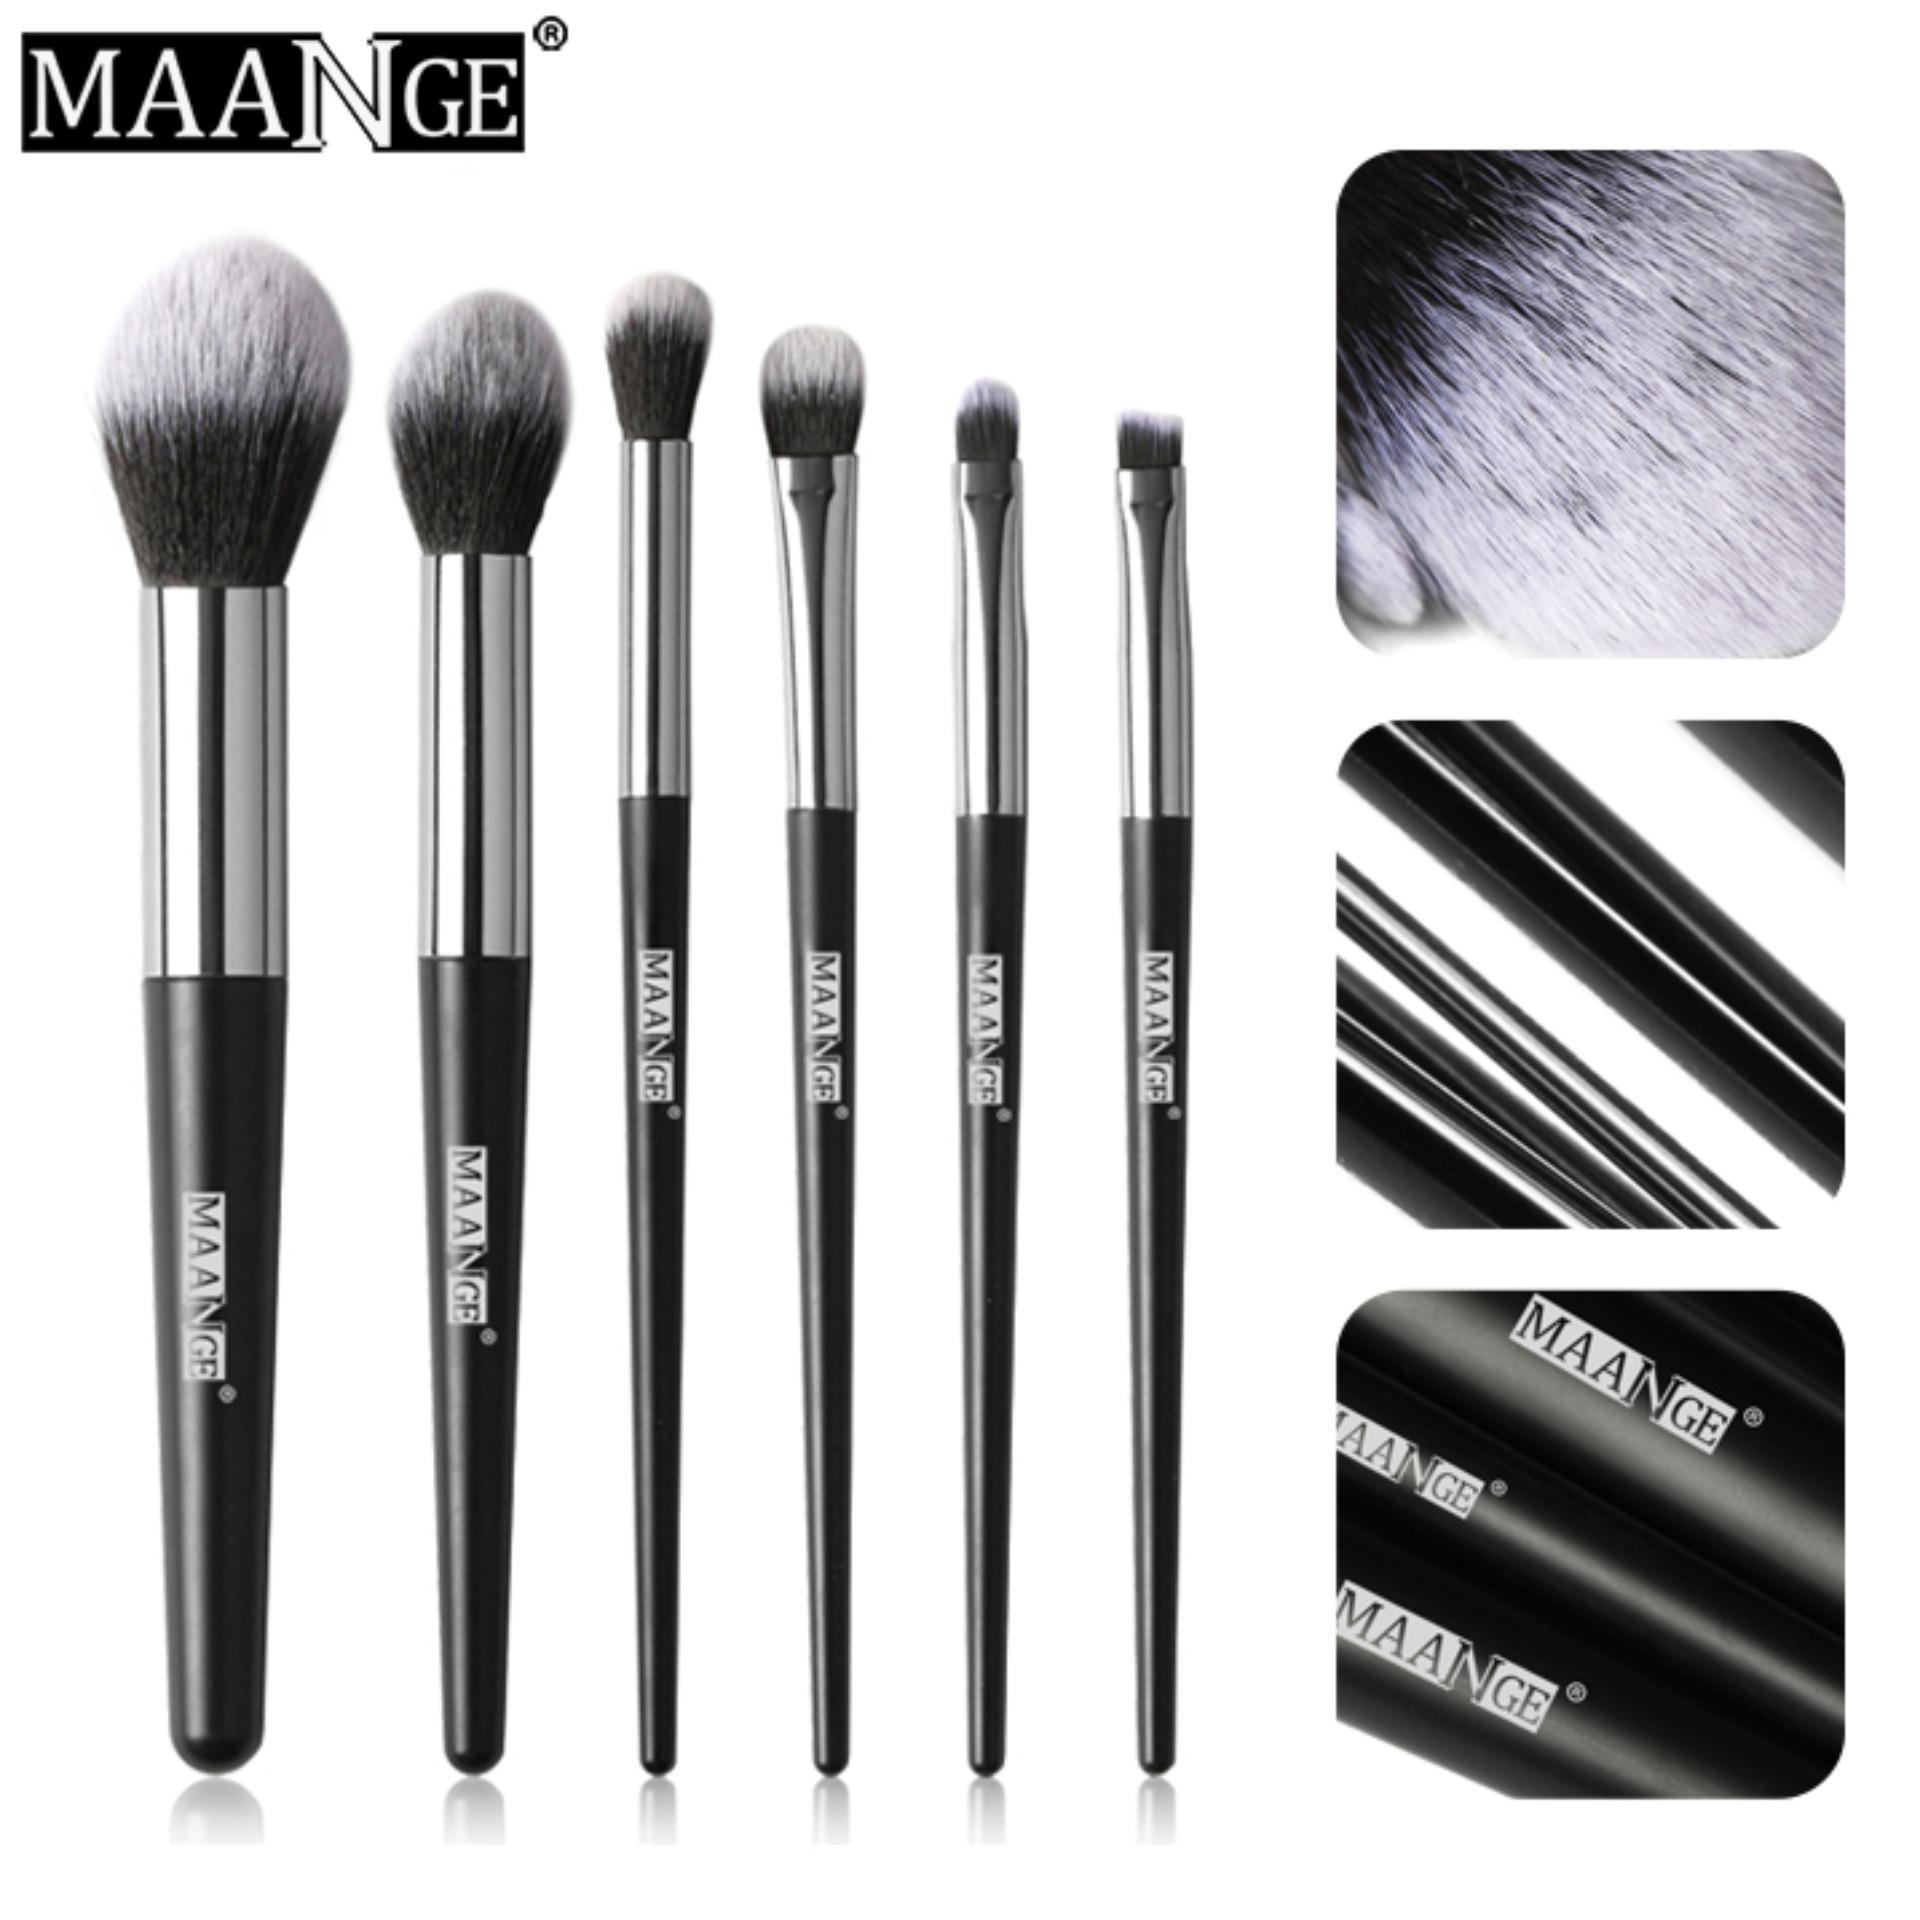 Bộ 6 Cọ Trang Điểm MAANGE Makeup Brushes Set Cọ Má Hồng Cọ Phủ Phấn Cọ Phấn Mắt Có Giá Siêu Tốt